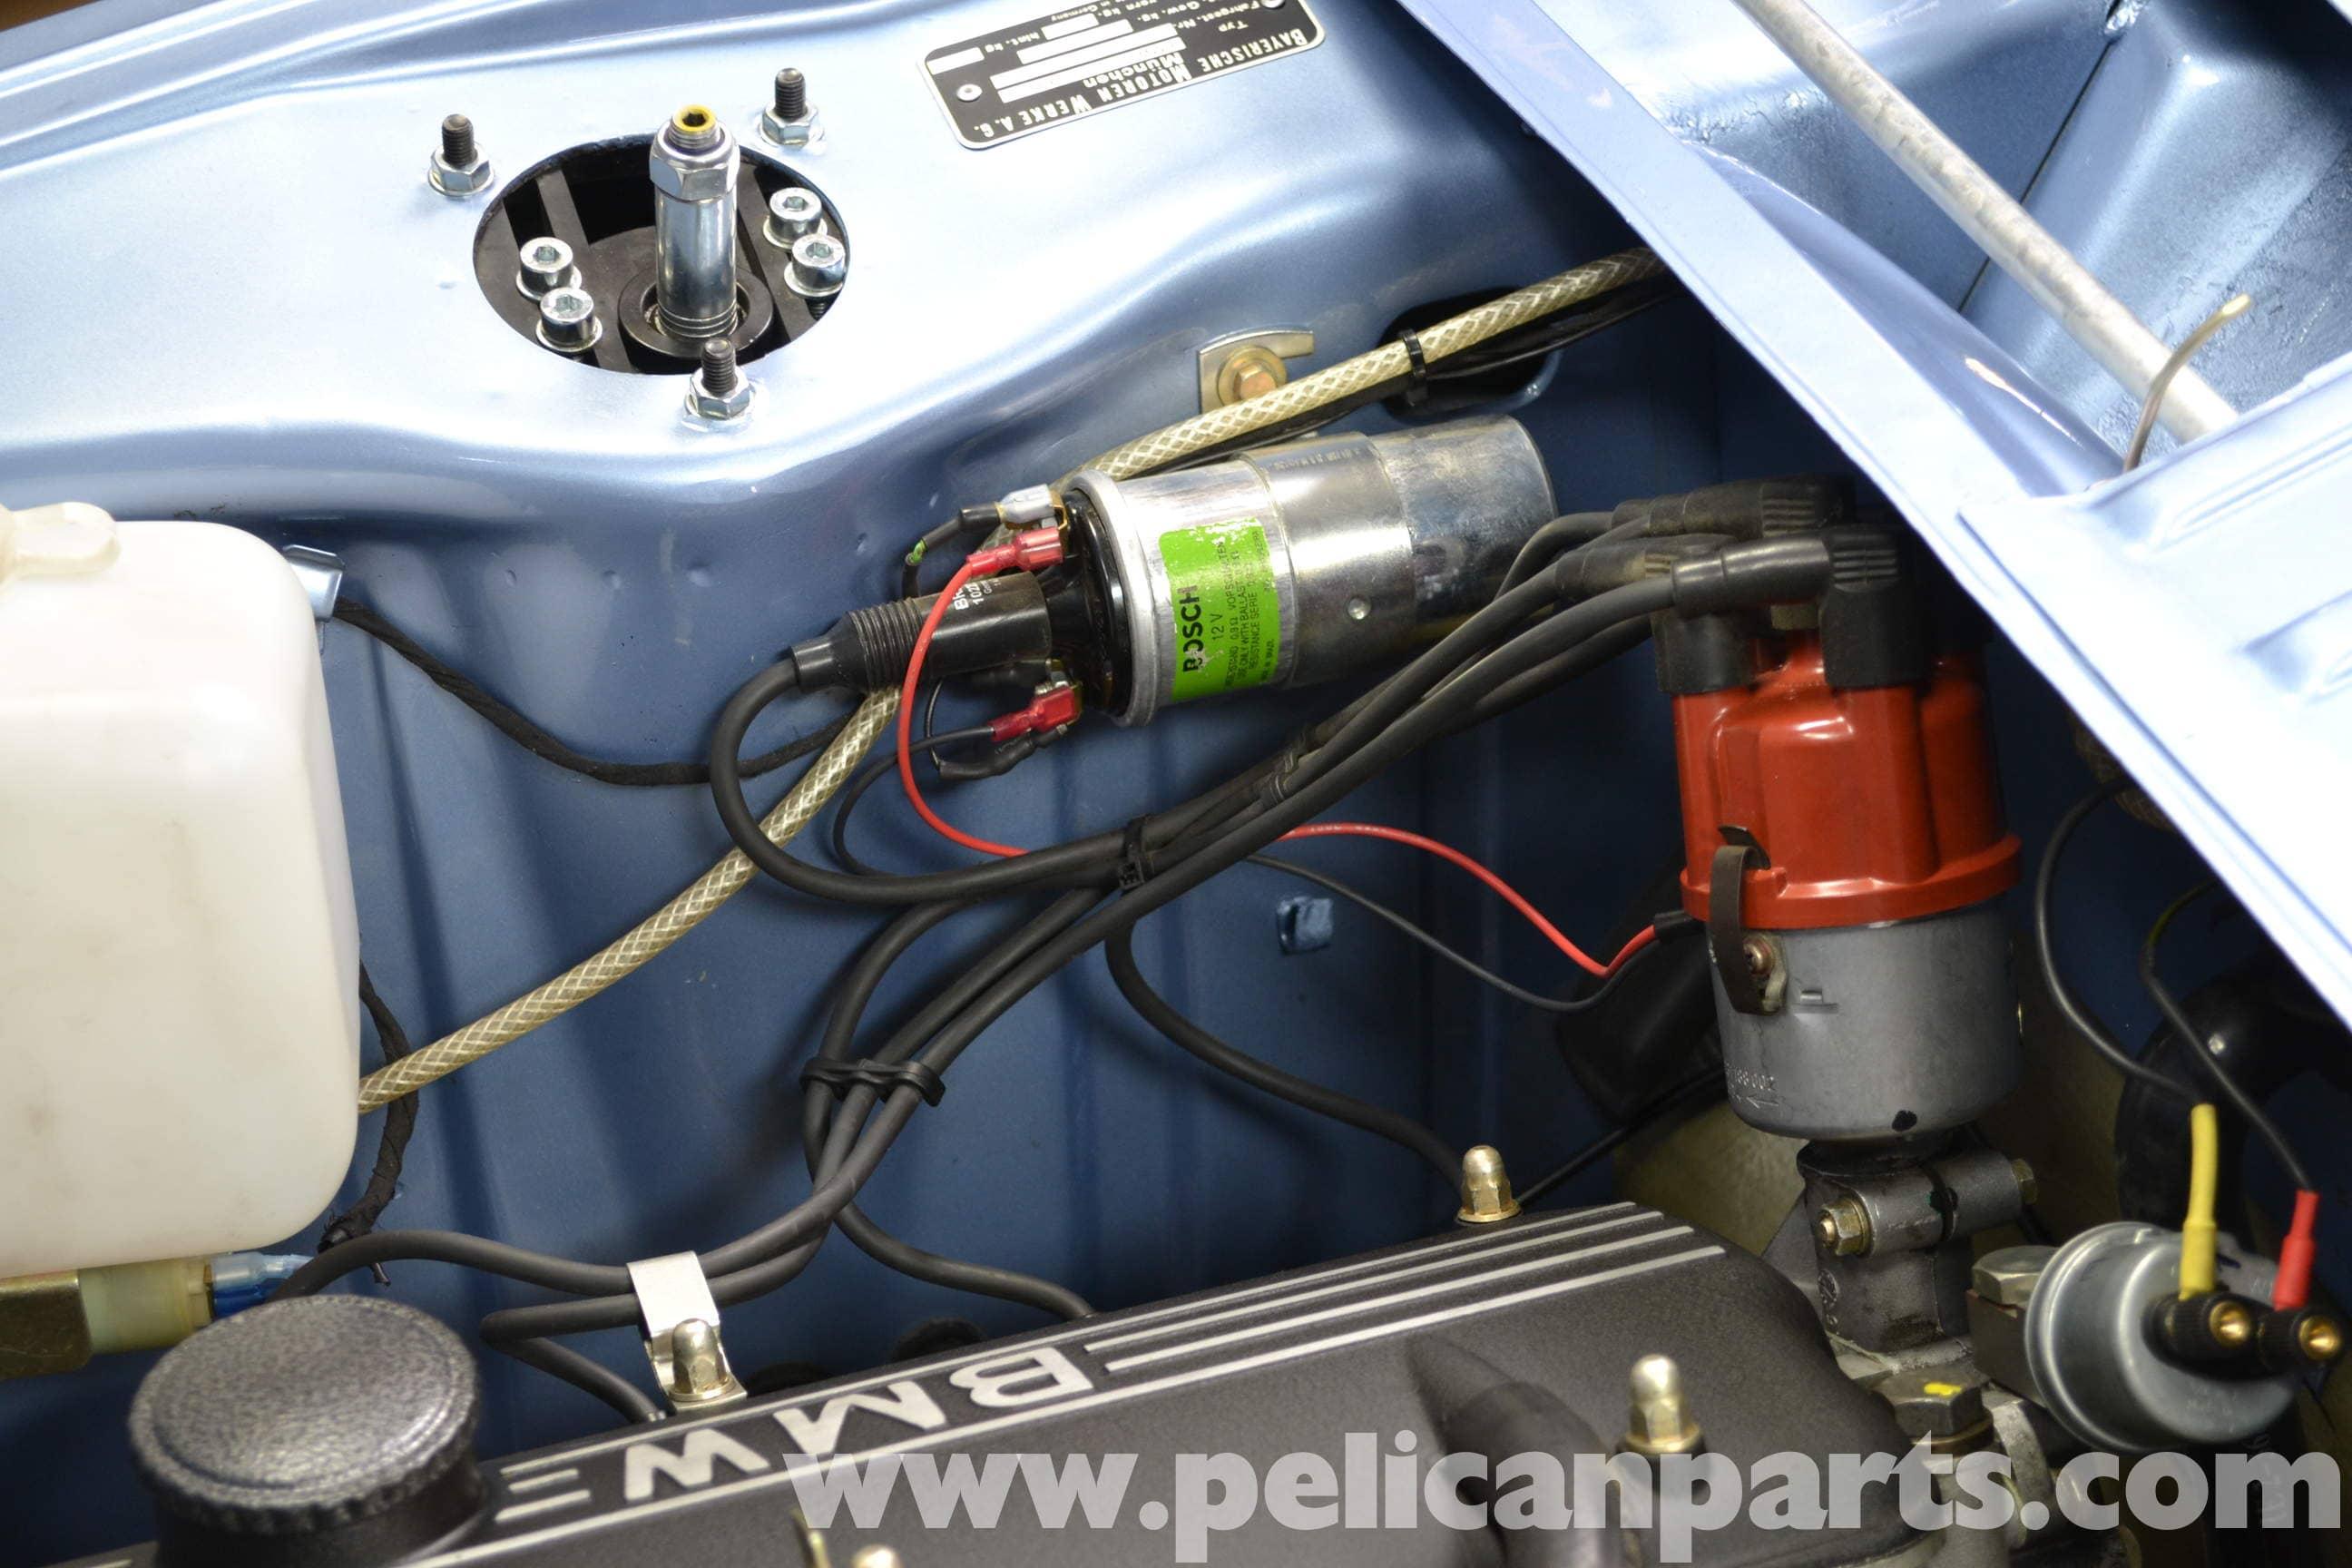 1976 bmw 2002 wiring diagram schematic fx 0804  1974 bmw 2002 tii wiring diagram wiring diagram  1974 bmw 2002 tii wiring diagram wiring